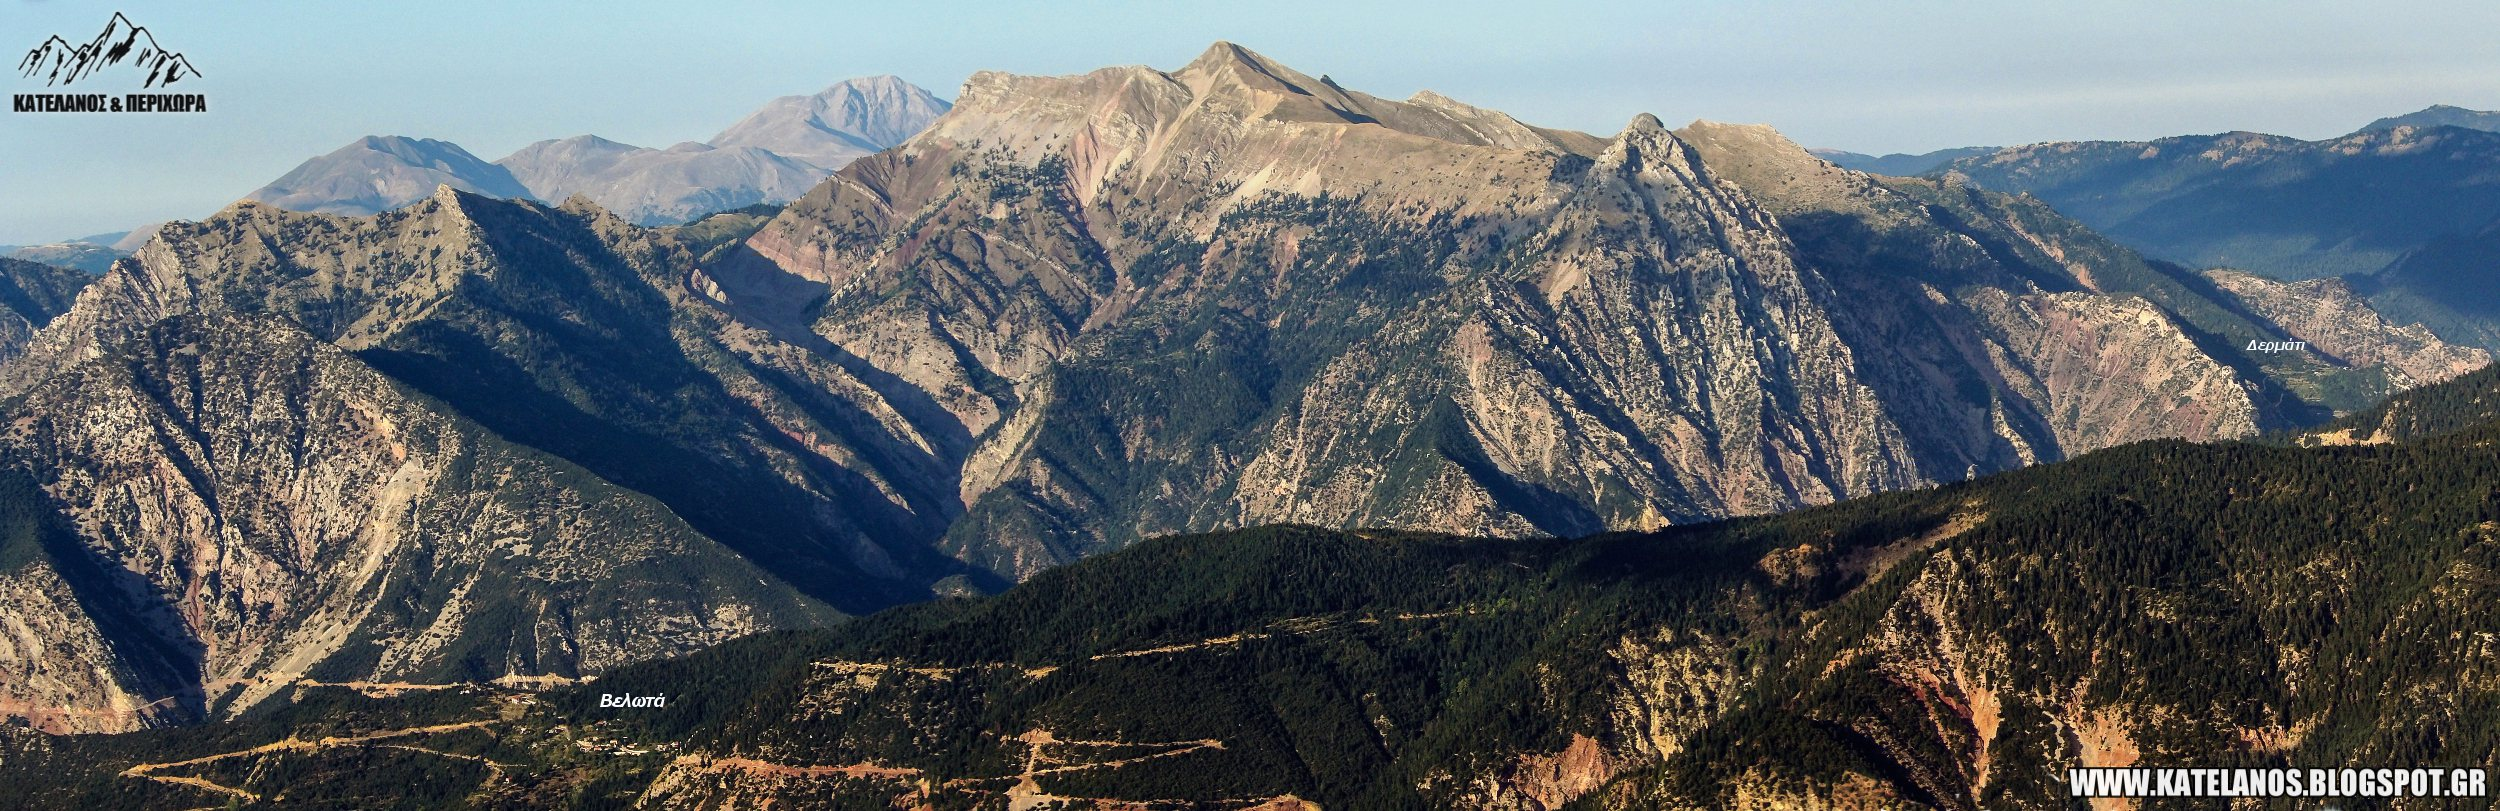 χελιδονα βουνο ορεινοι ογκοι ευρυτανιας βελωτα δερματι